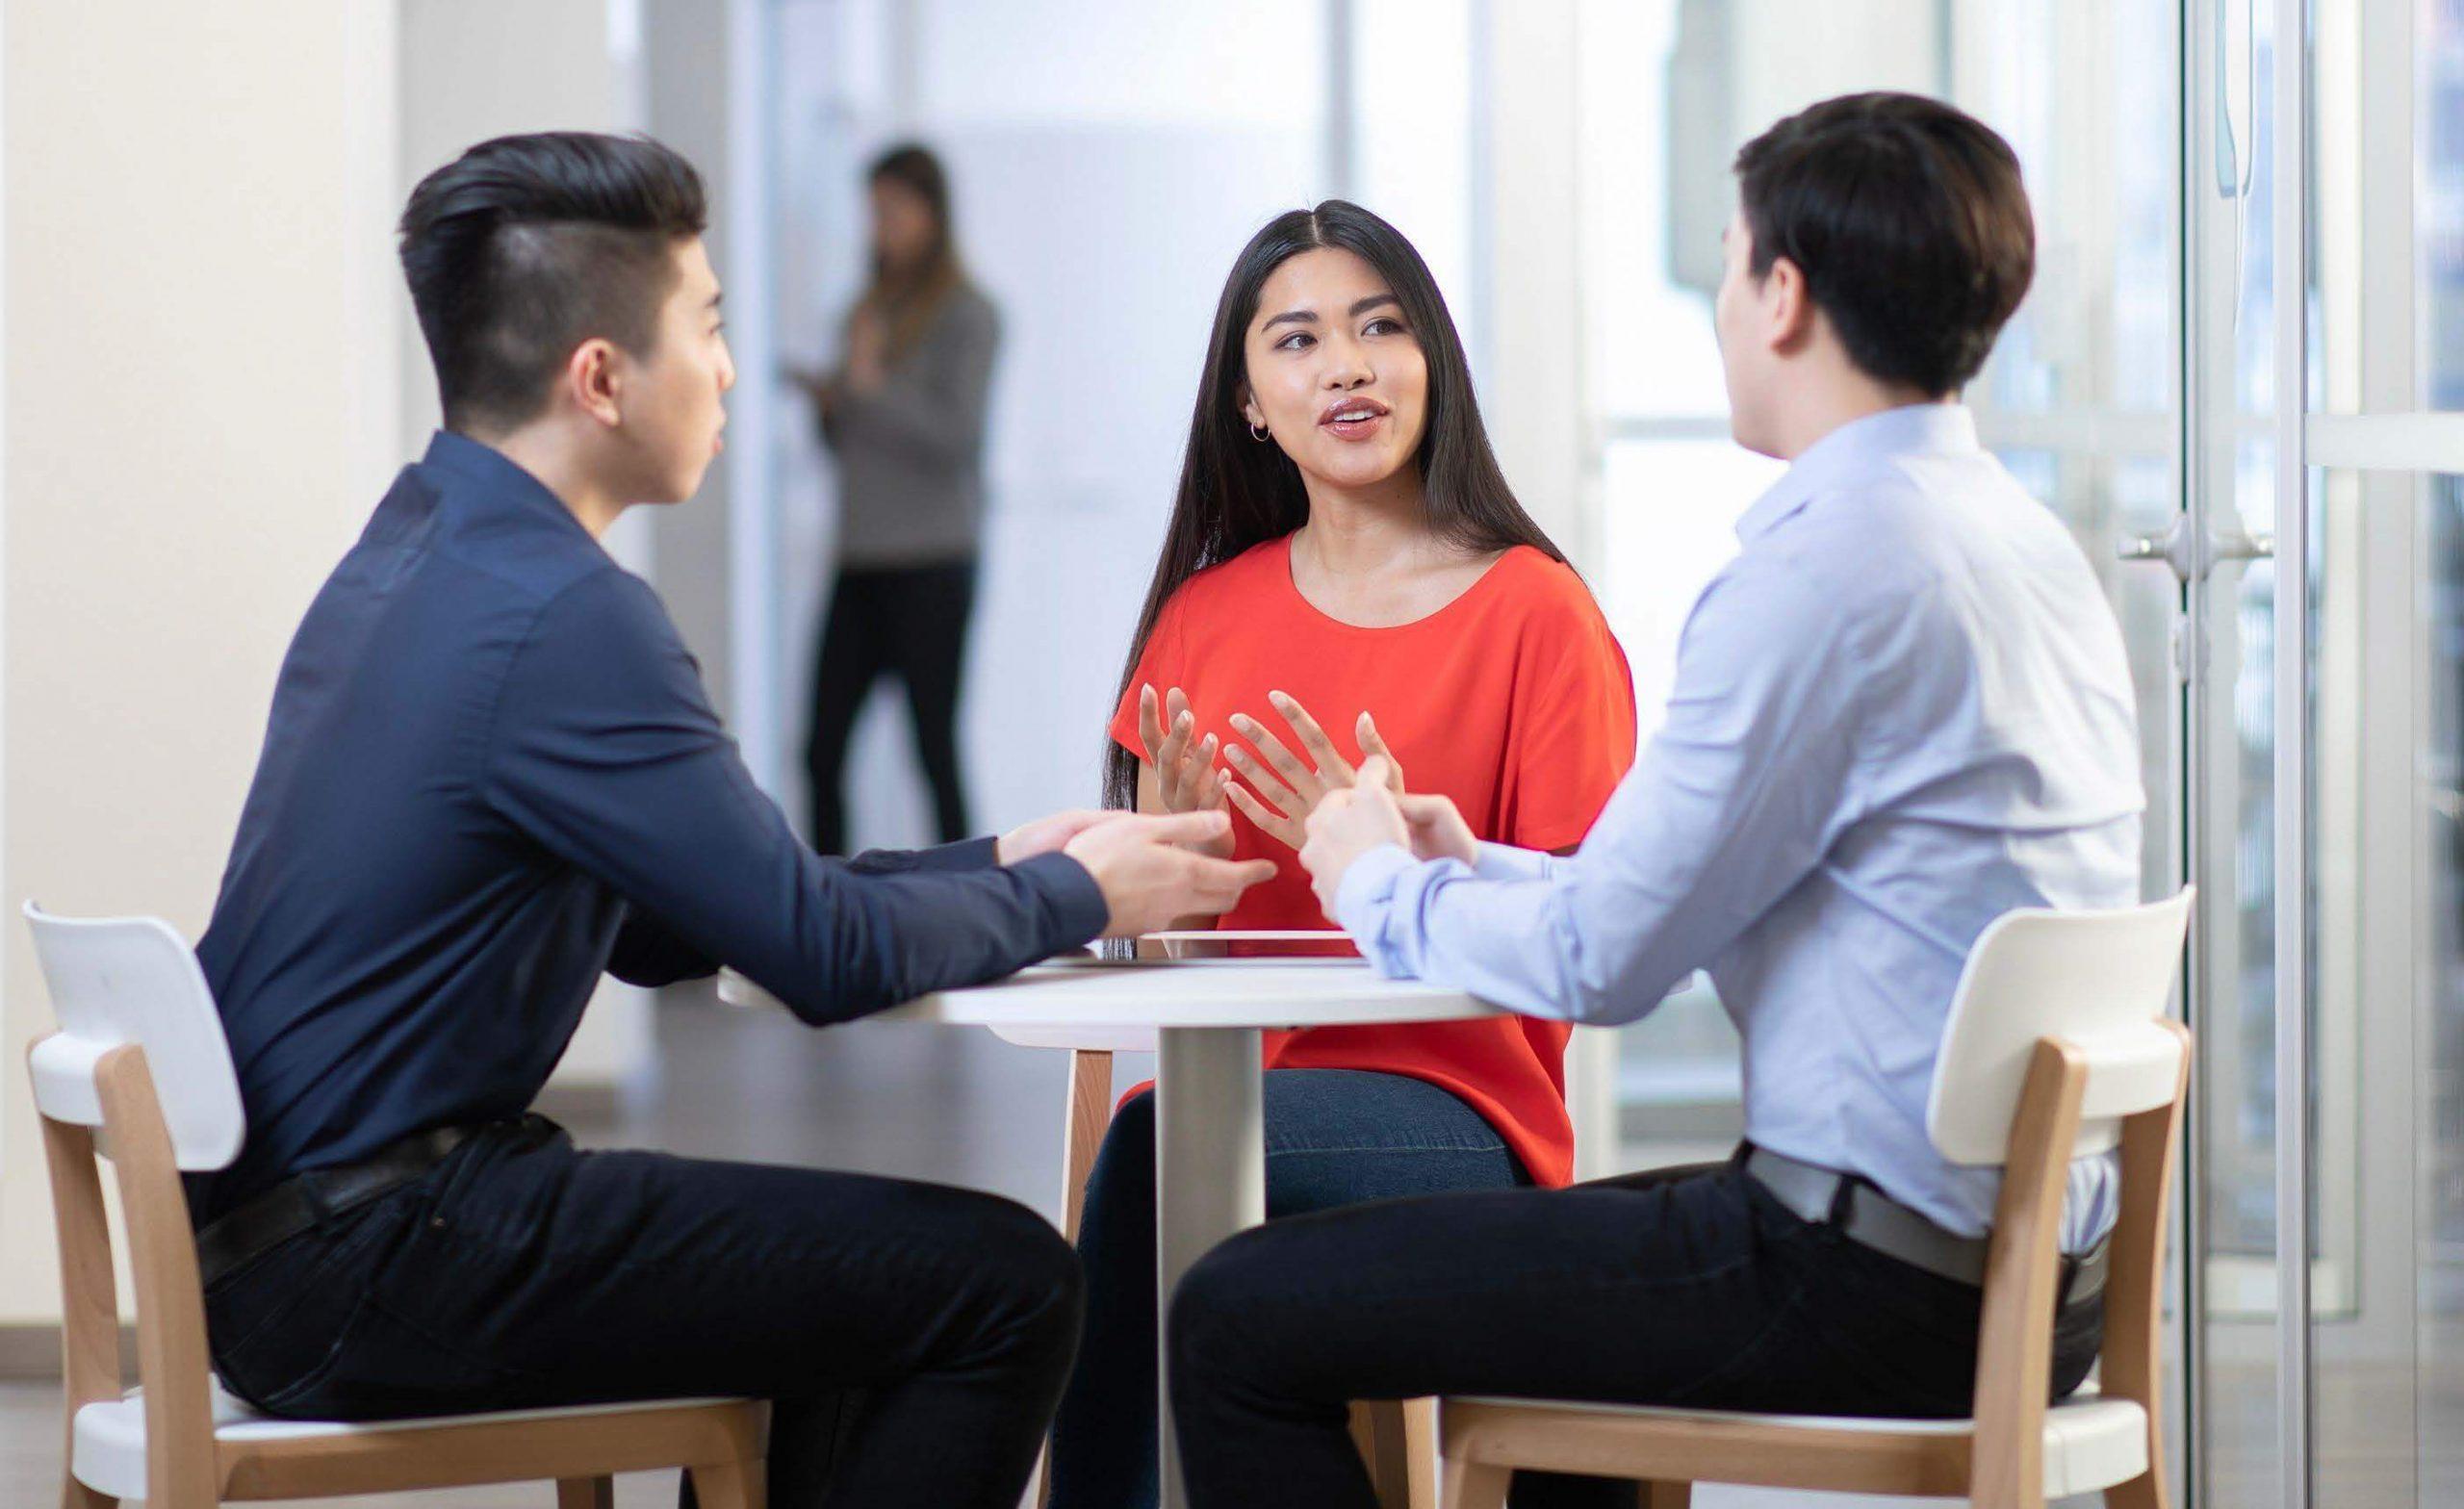 cursos_de_inglés_para_empresas